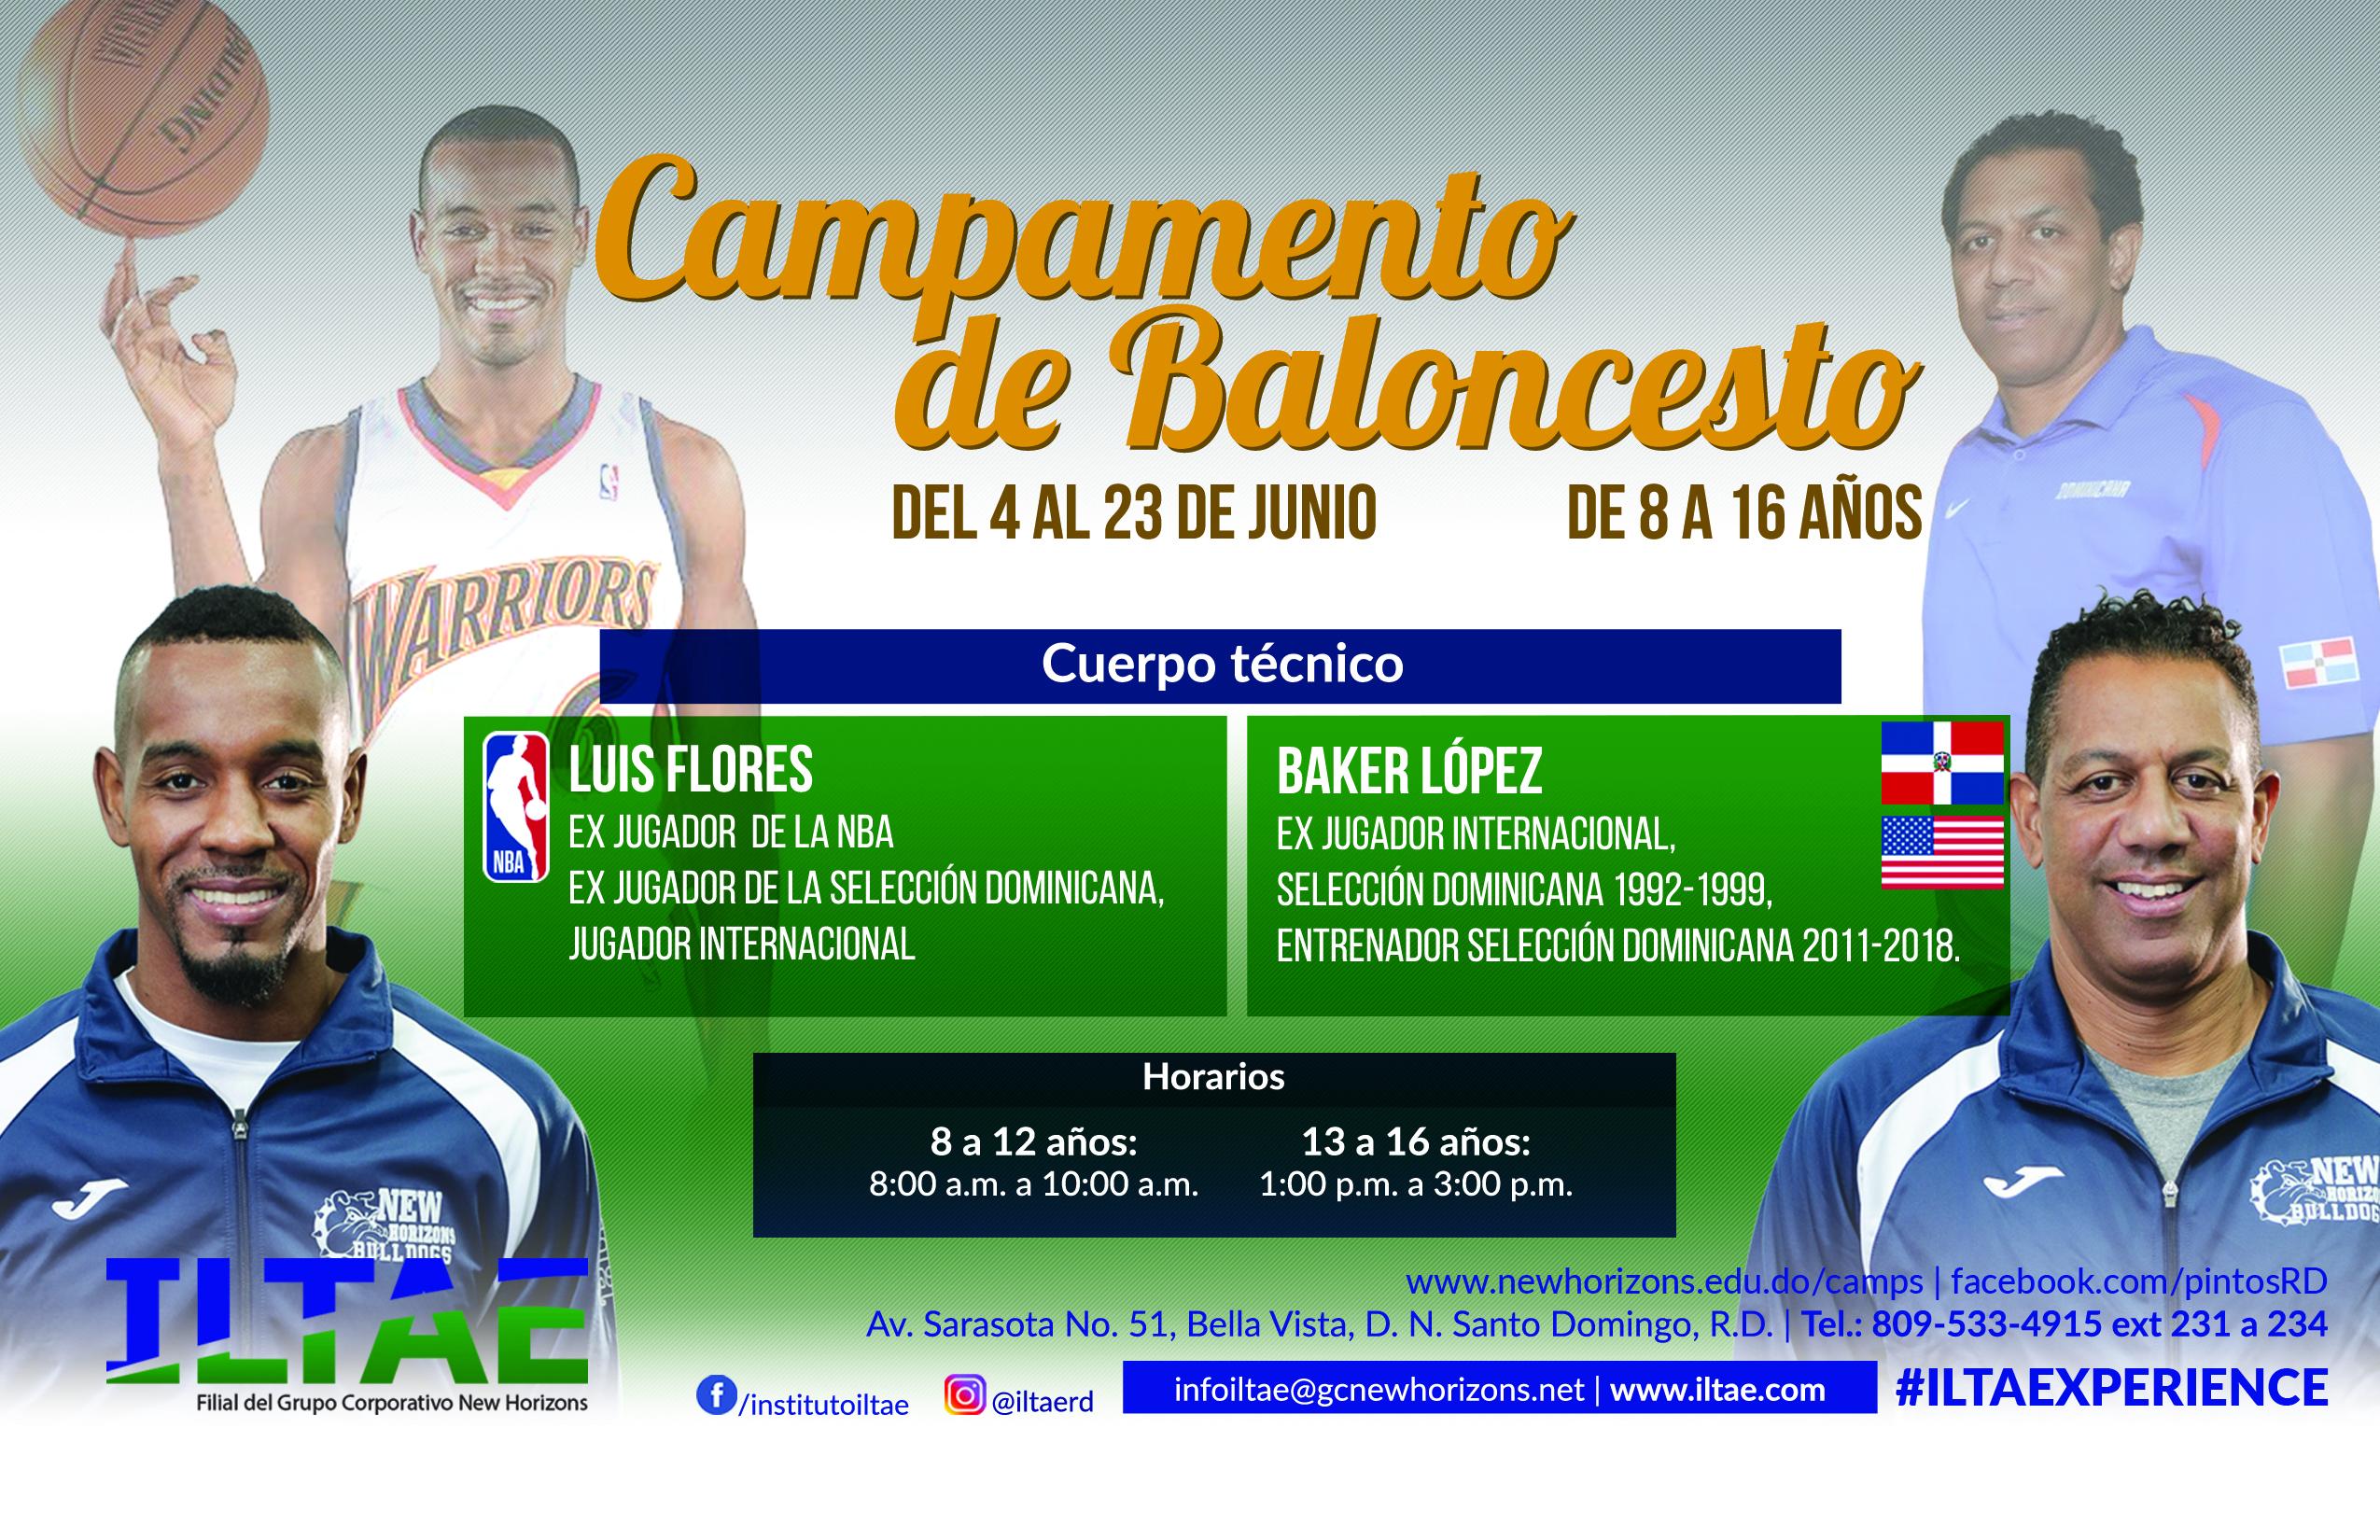 informacion campamento de baloncesto